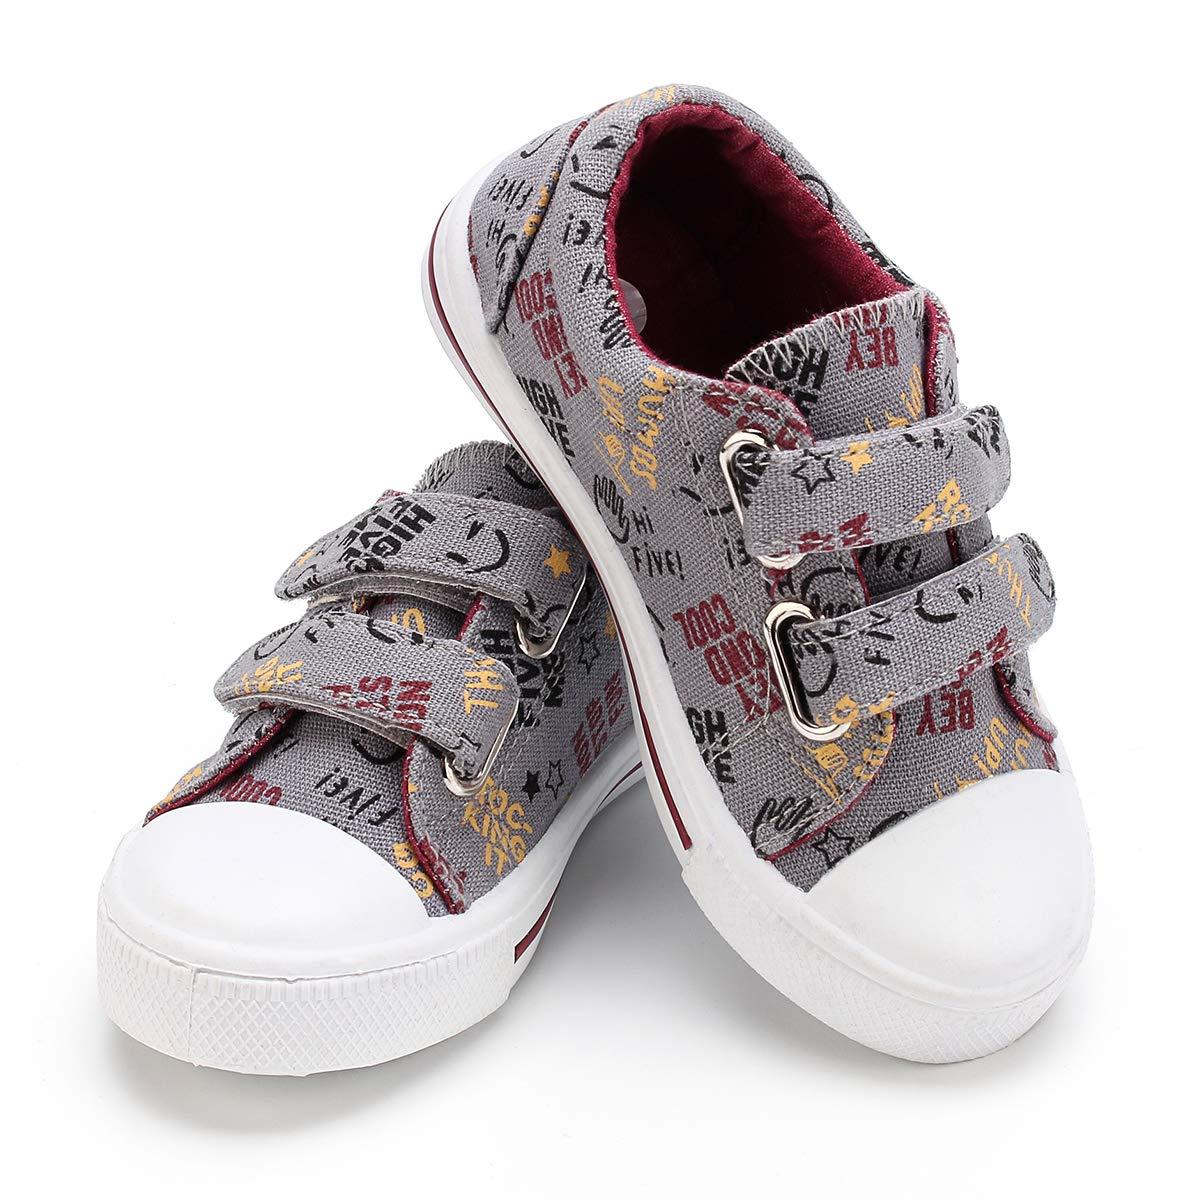 KomForme Toddler Kids Boy Girl Toddler Sneakers Cartoon Dual Hook and Loops Baby Sneakers Shoes